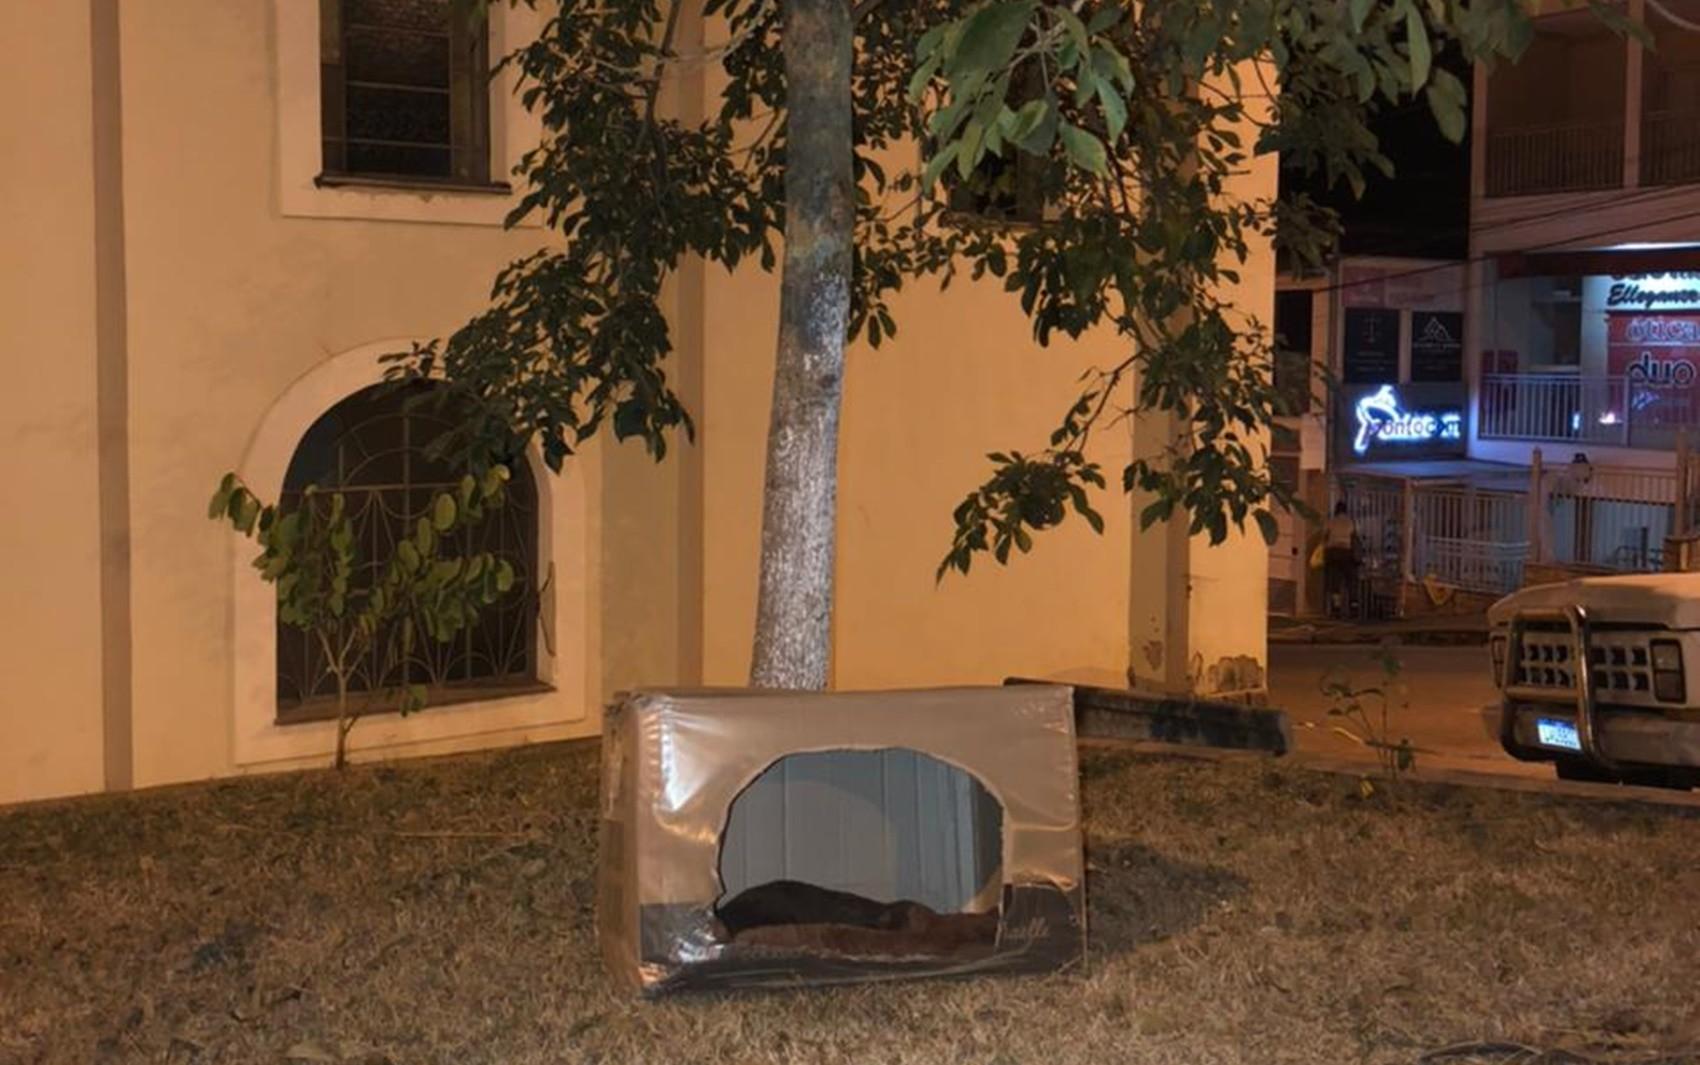 Prefeitura coloca casinhas de papelão para proteger animais de rua contra o frio em Poço Fundo, MG